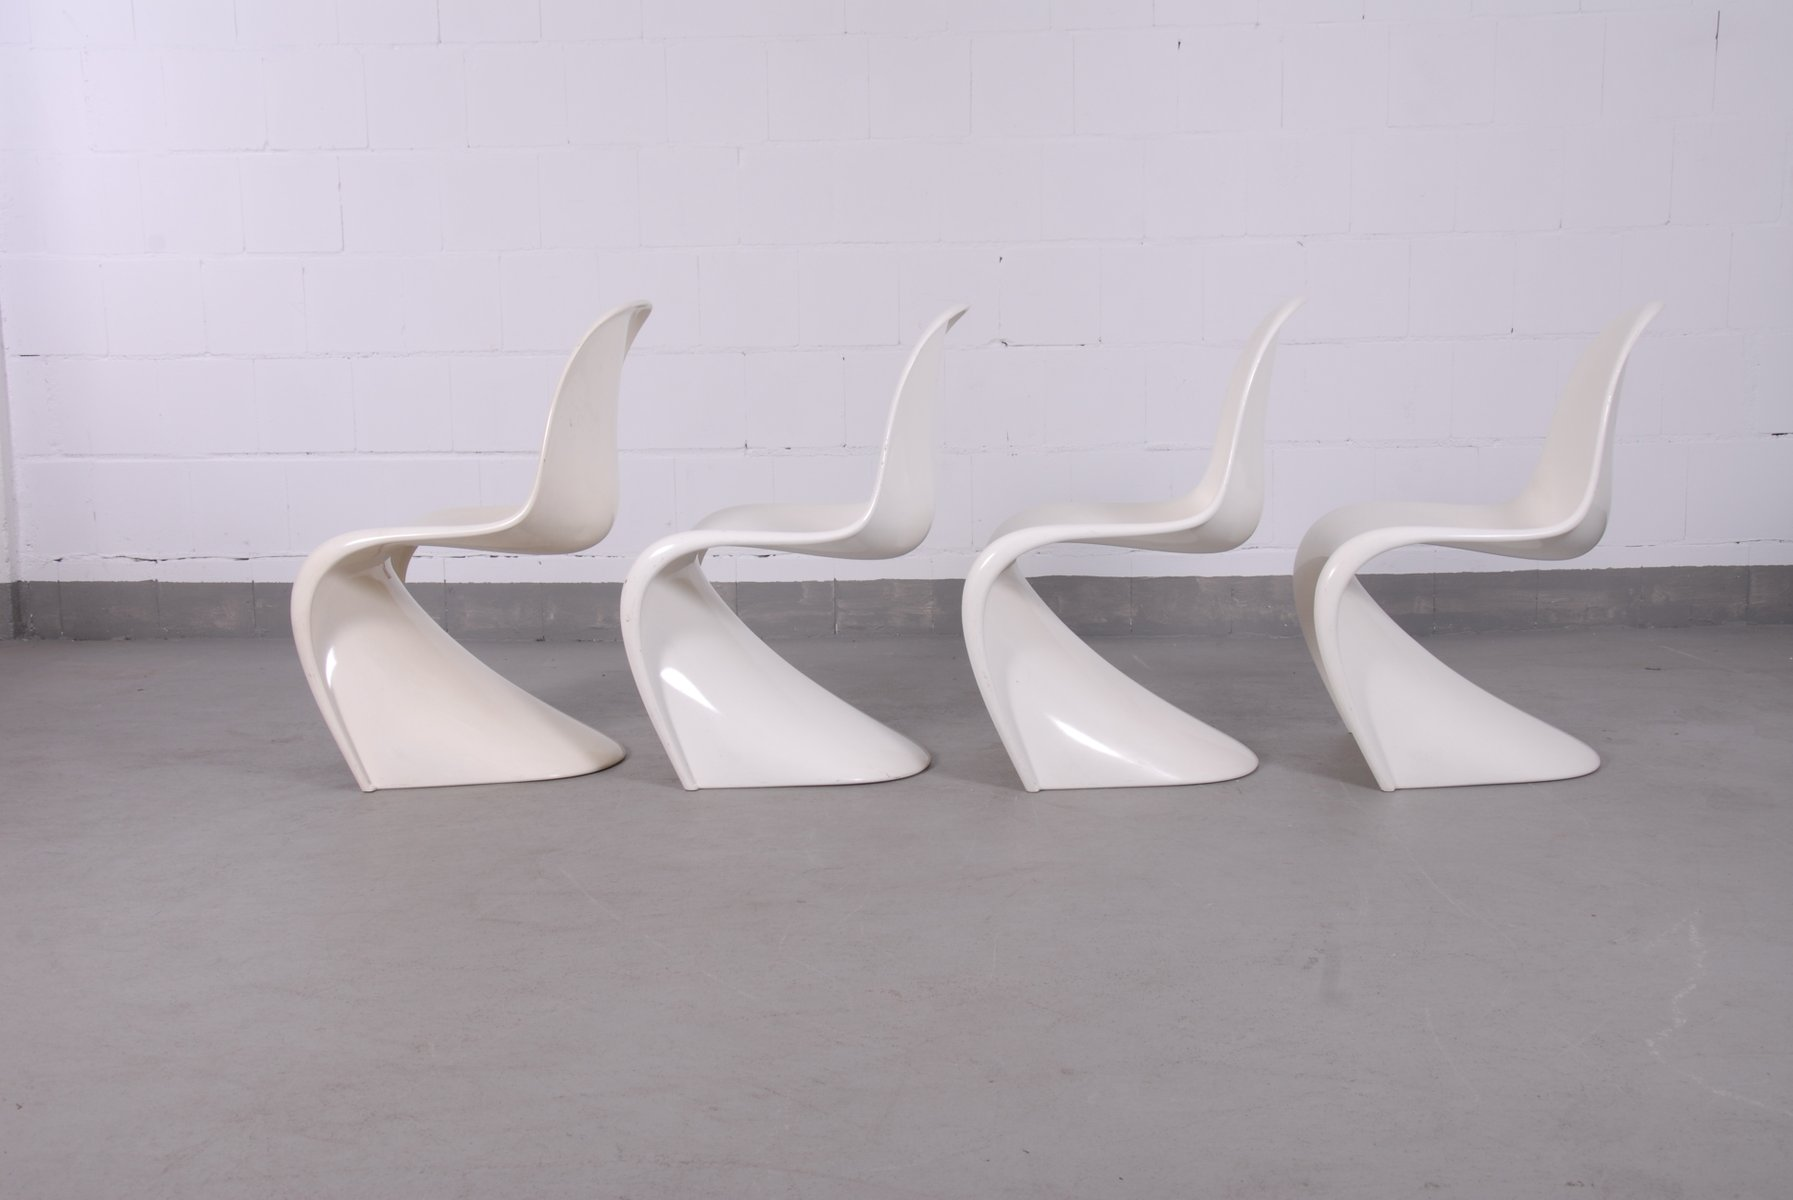 chaises panton blanc cass par verner panton pour fehlbaum 1960s set de 4 en vente sur pamono. Black Bedroom Furniture Sets. Home Design Ideas